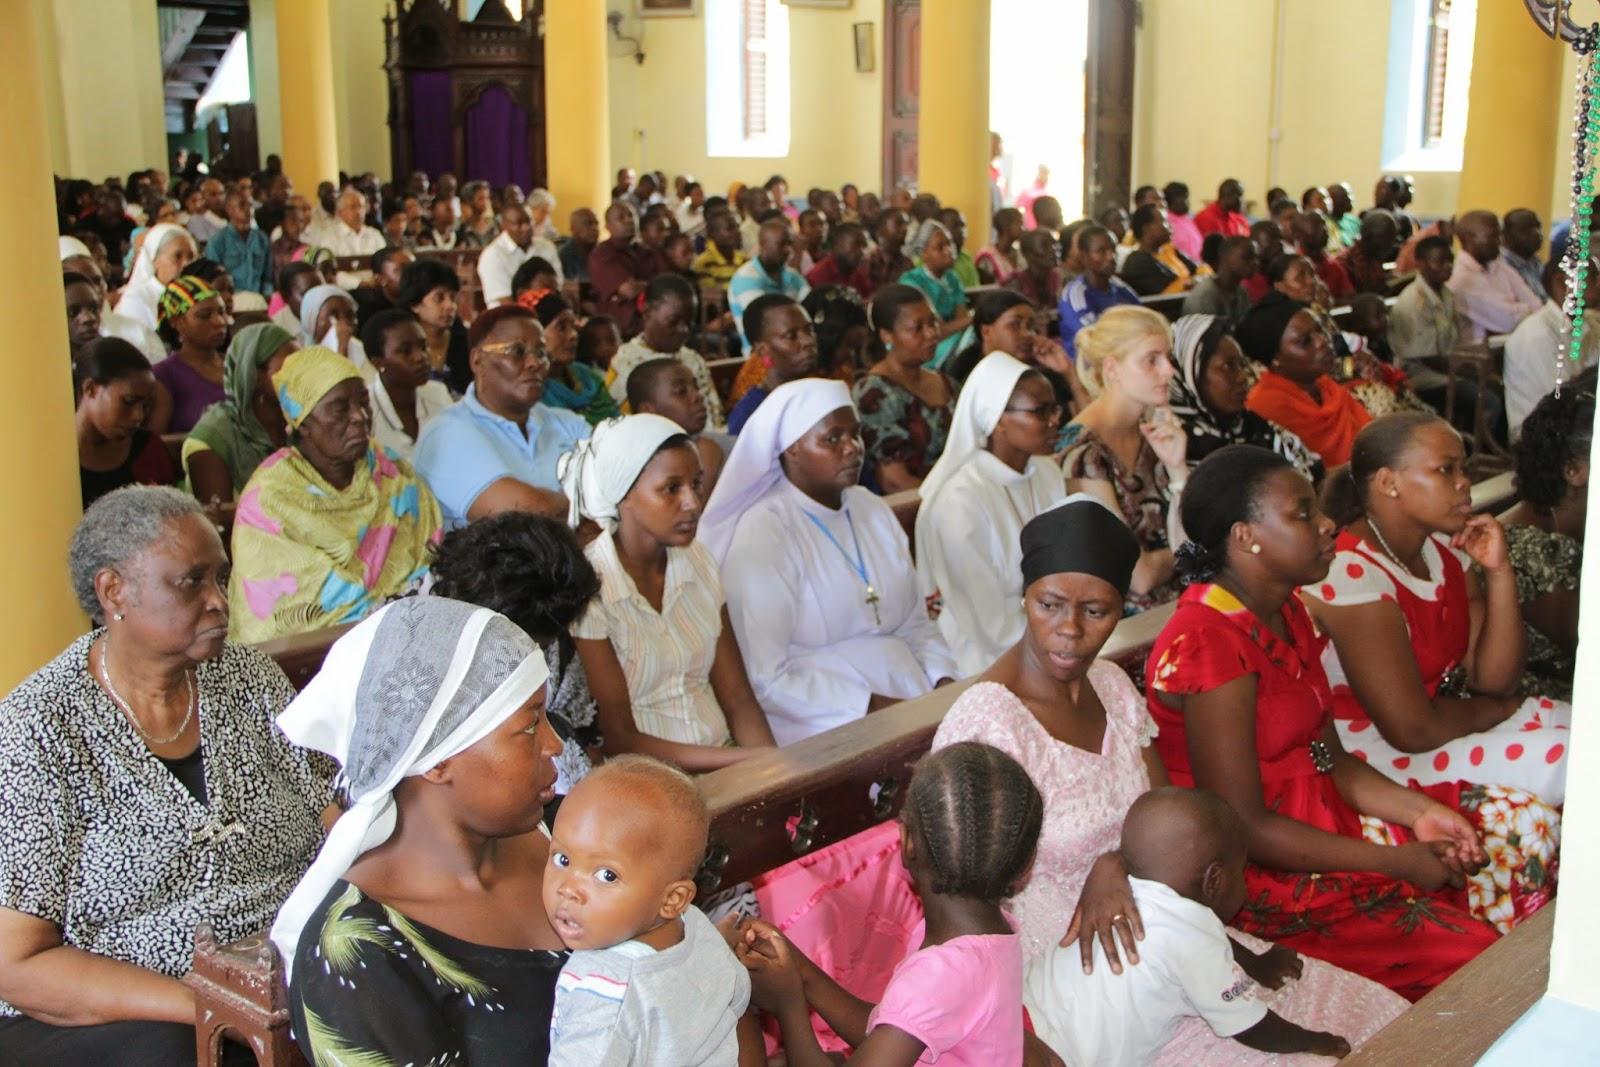 Picha za misa ya ibada ya Ijumaa RC Minara Miwili Zanzibar ~ wavuti